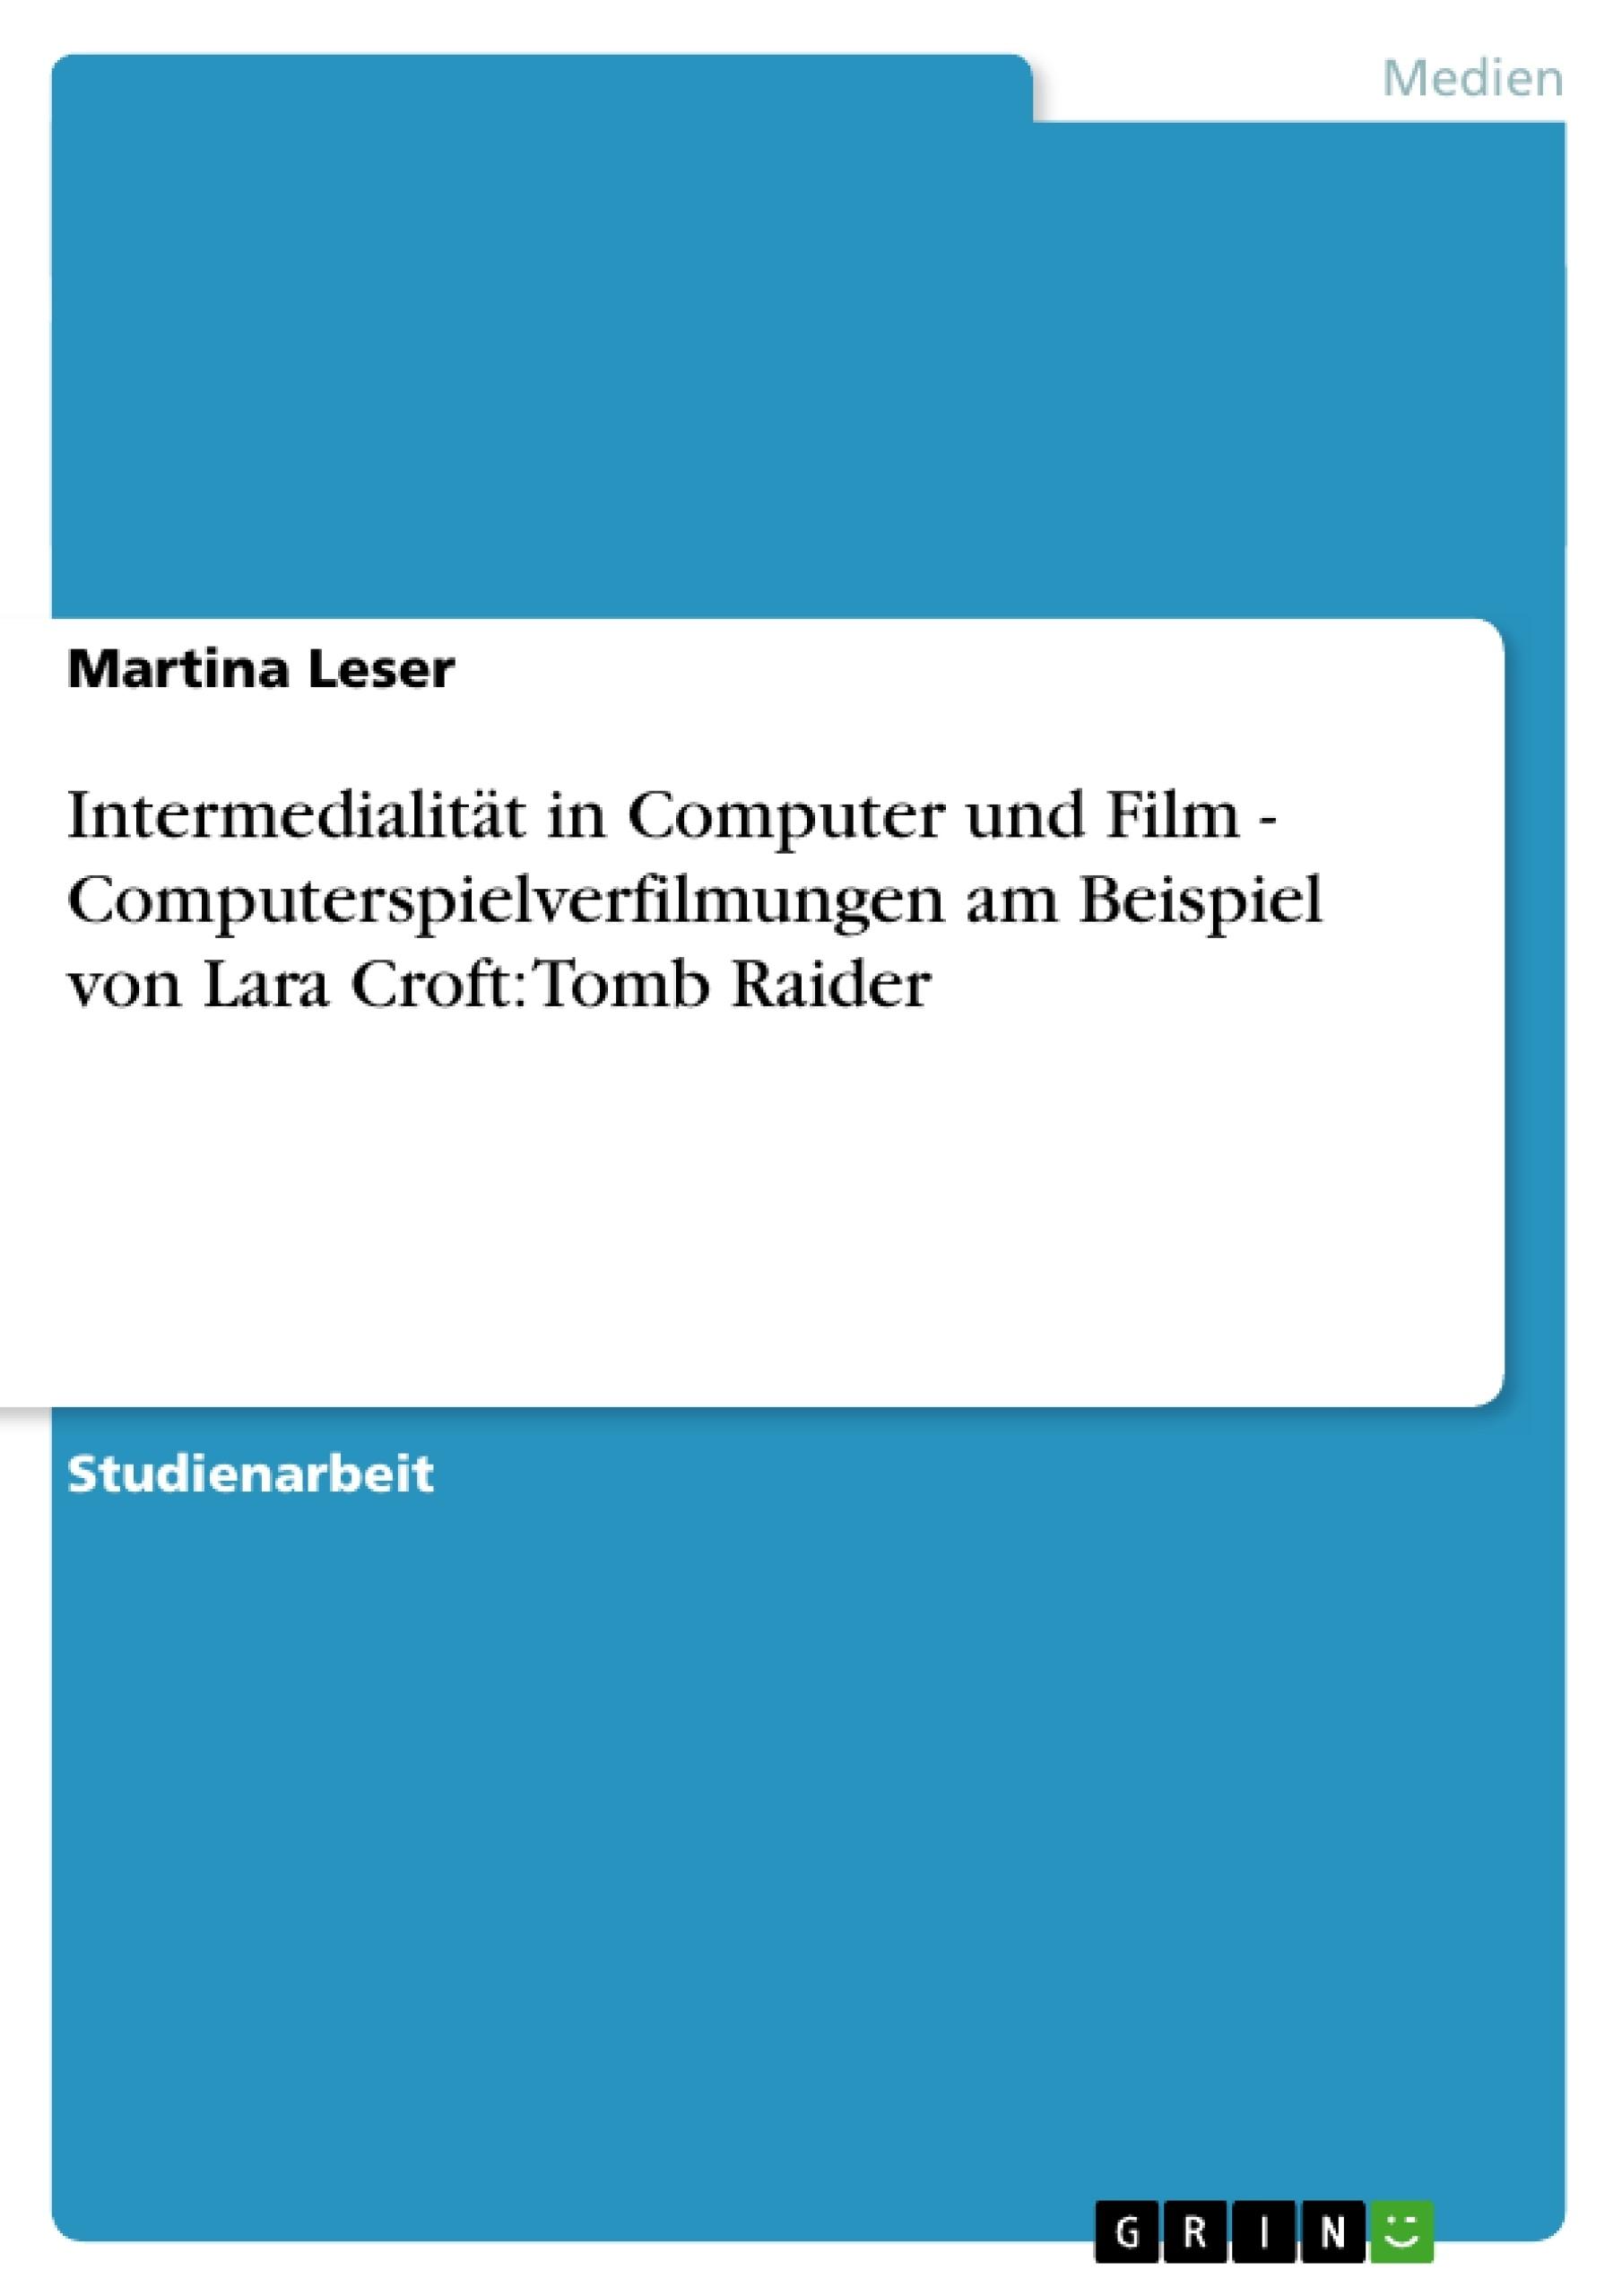 Titel: Intermedialität in Computer und Film - Computerspielverfilmungen am Beispiel von Lara Croft: Tomb Raider